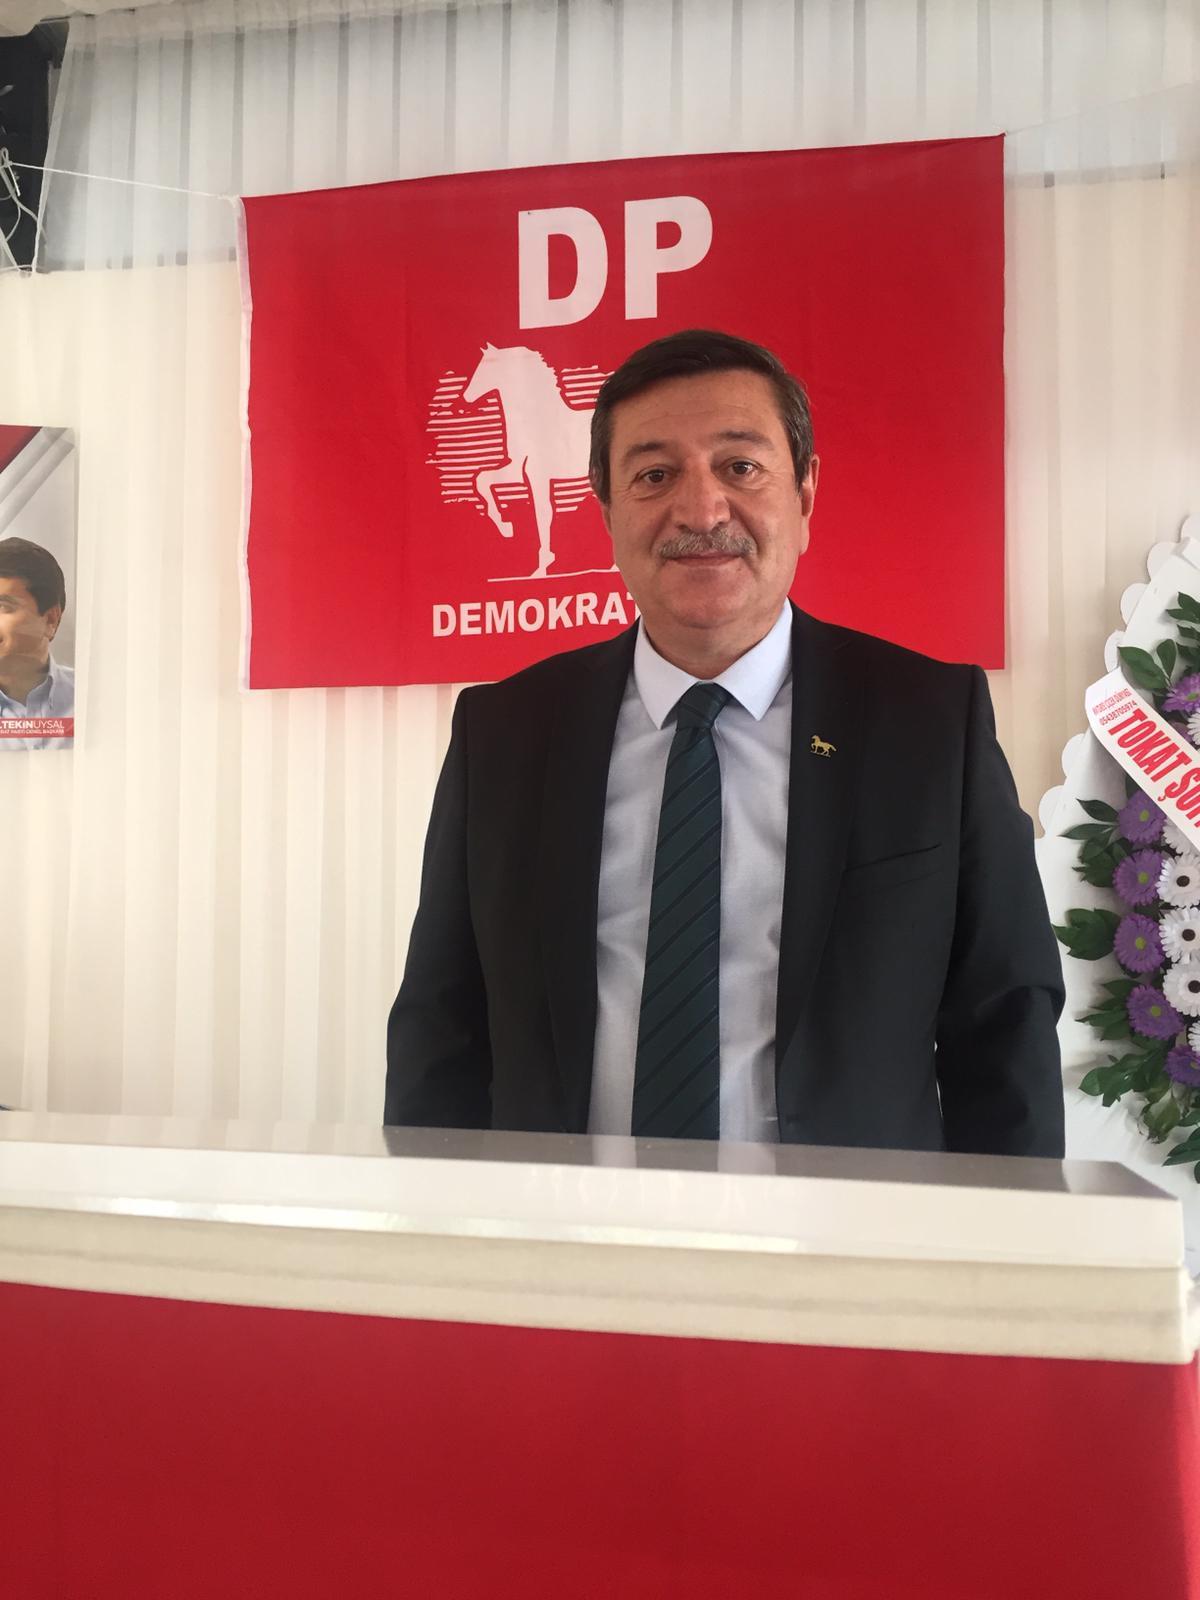 """Demokrat Parti (DP) Sivas İl Başkanı Numan Akay, bir kez daha küçük esnaf için çağrıda bulundu ve  """"Küçük esnafa destek ol Türkiye. Türkiye'de esnaflarımız entübe olmuştur, nefes alamaz haldedir."""""""